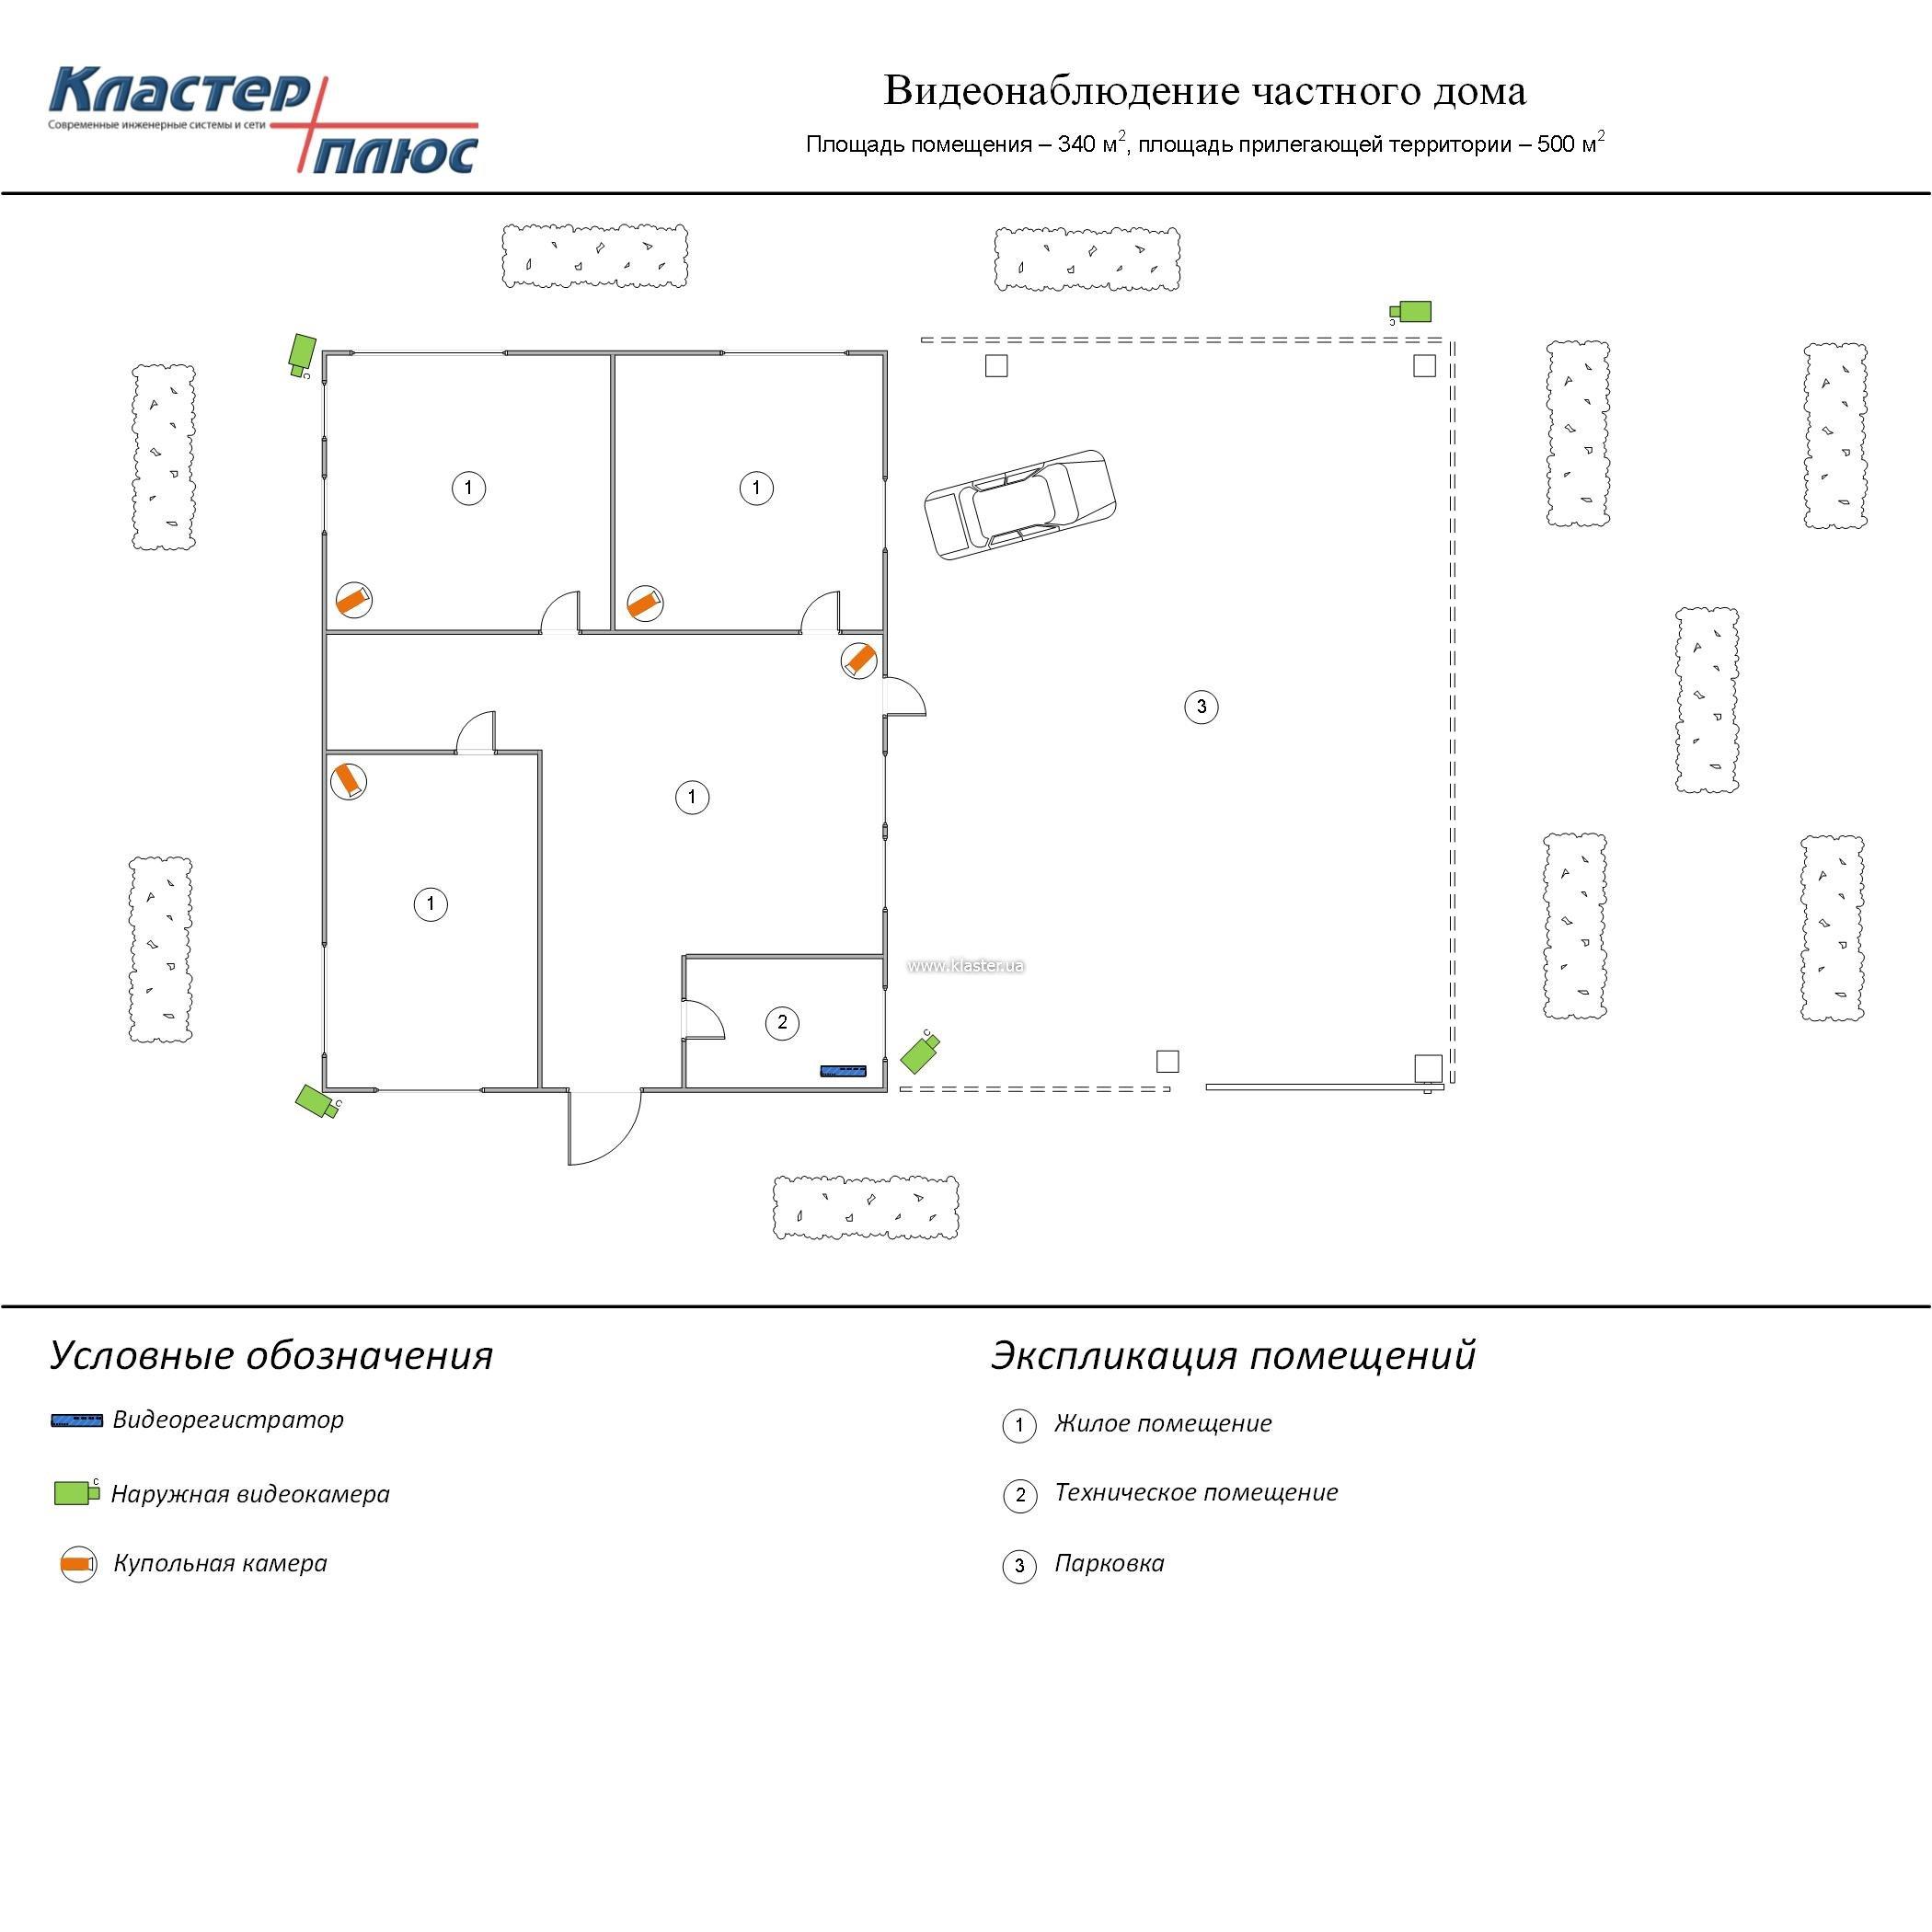 схема аварийного электроснабжения частного дома